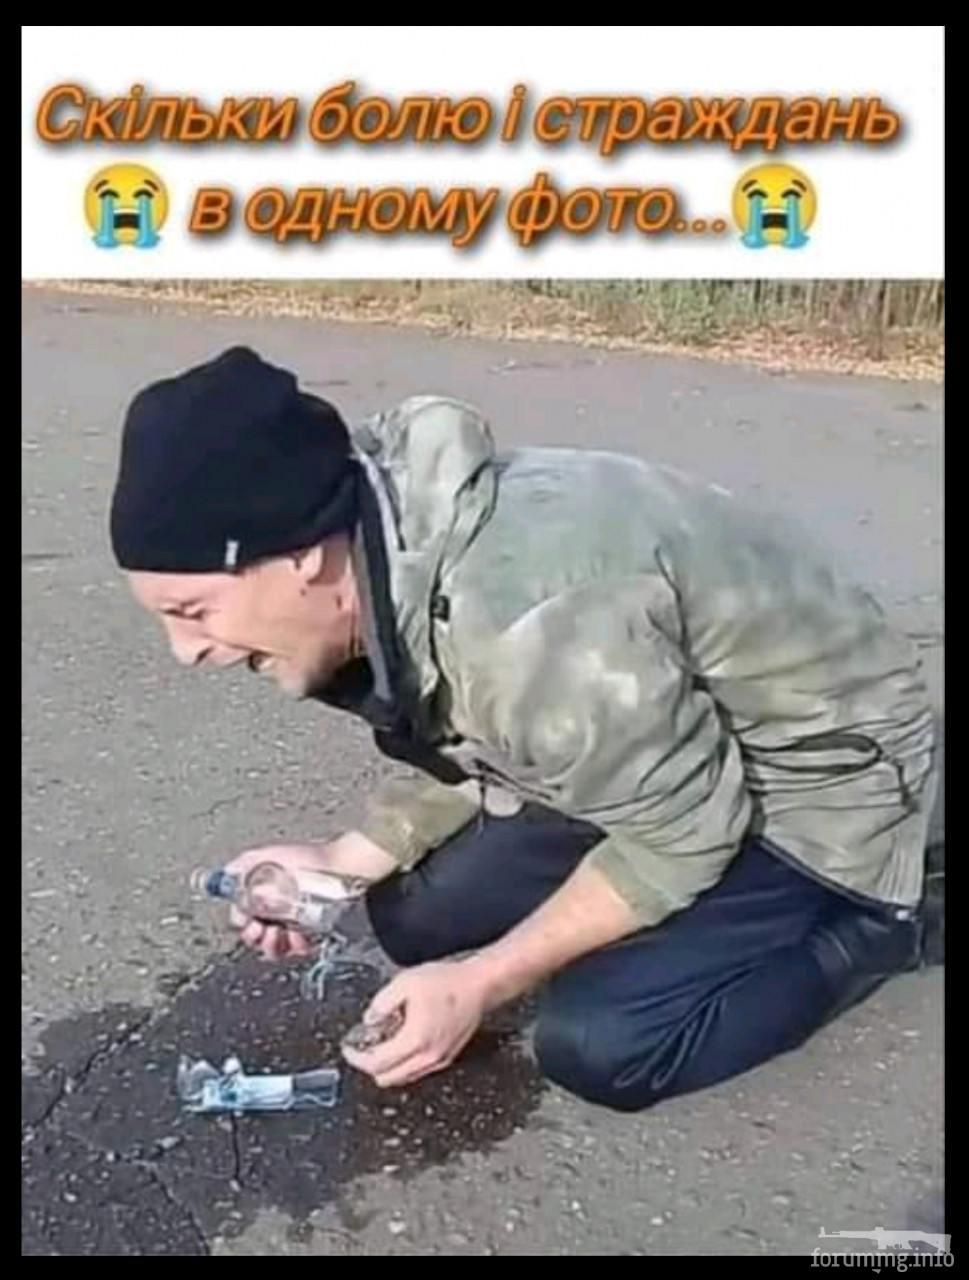 139535 - Пить или не пить? - пятничная алкогольная тема )))